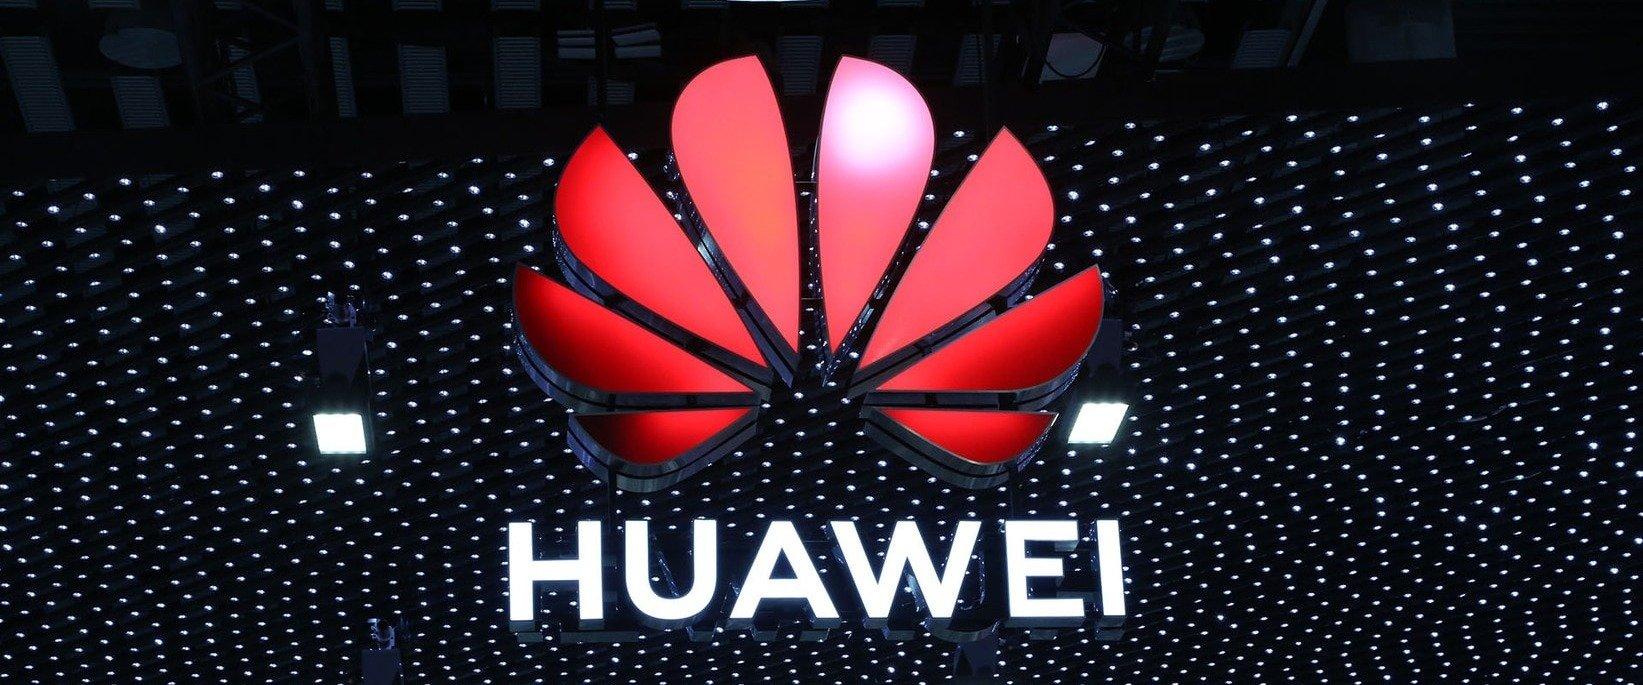 Huawei European Innovation Day 2020: współpraca jest główną siłą napędową, łączącą innowacyjne gospodarki, społeczeństwa i ludzi